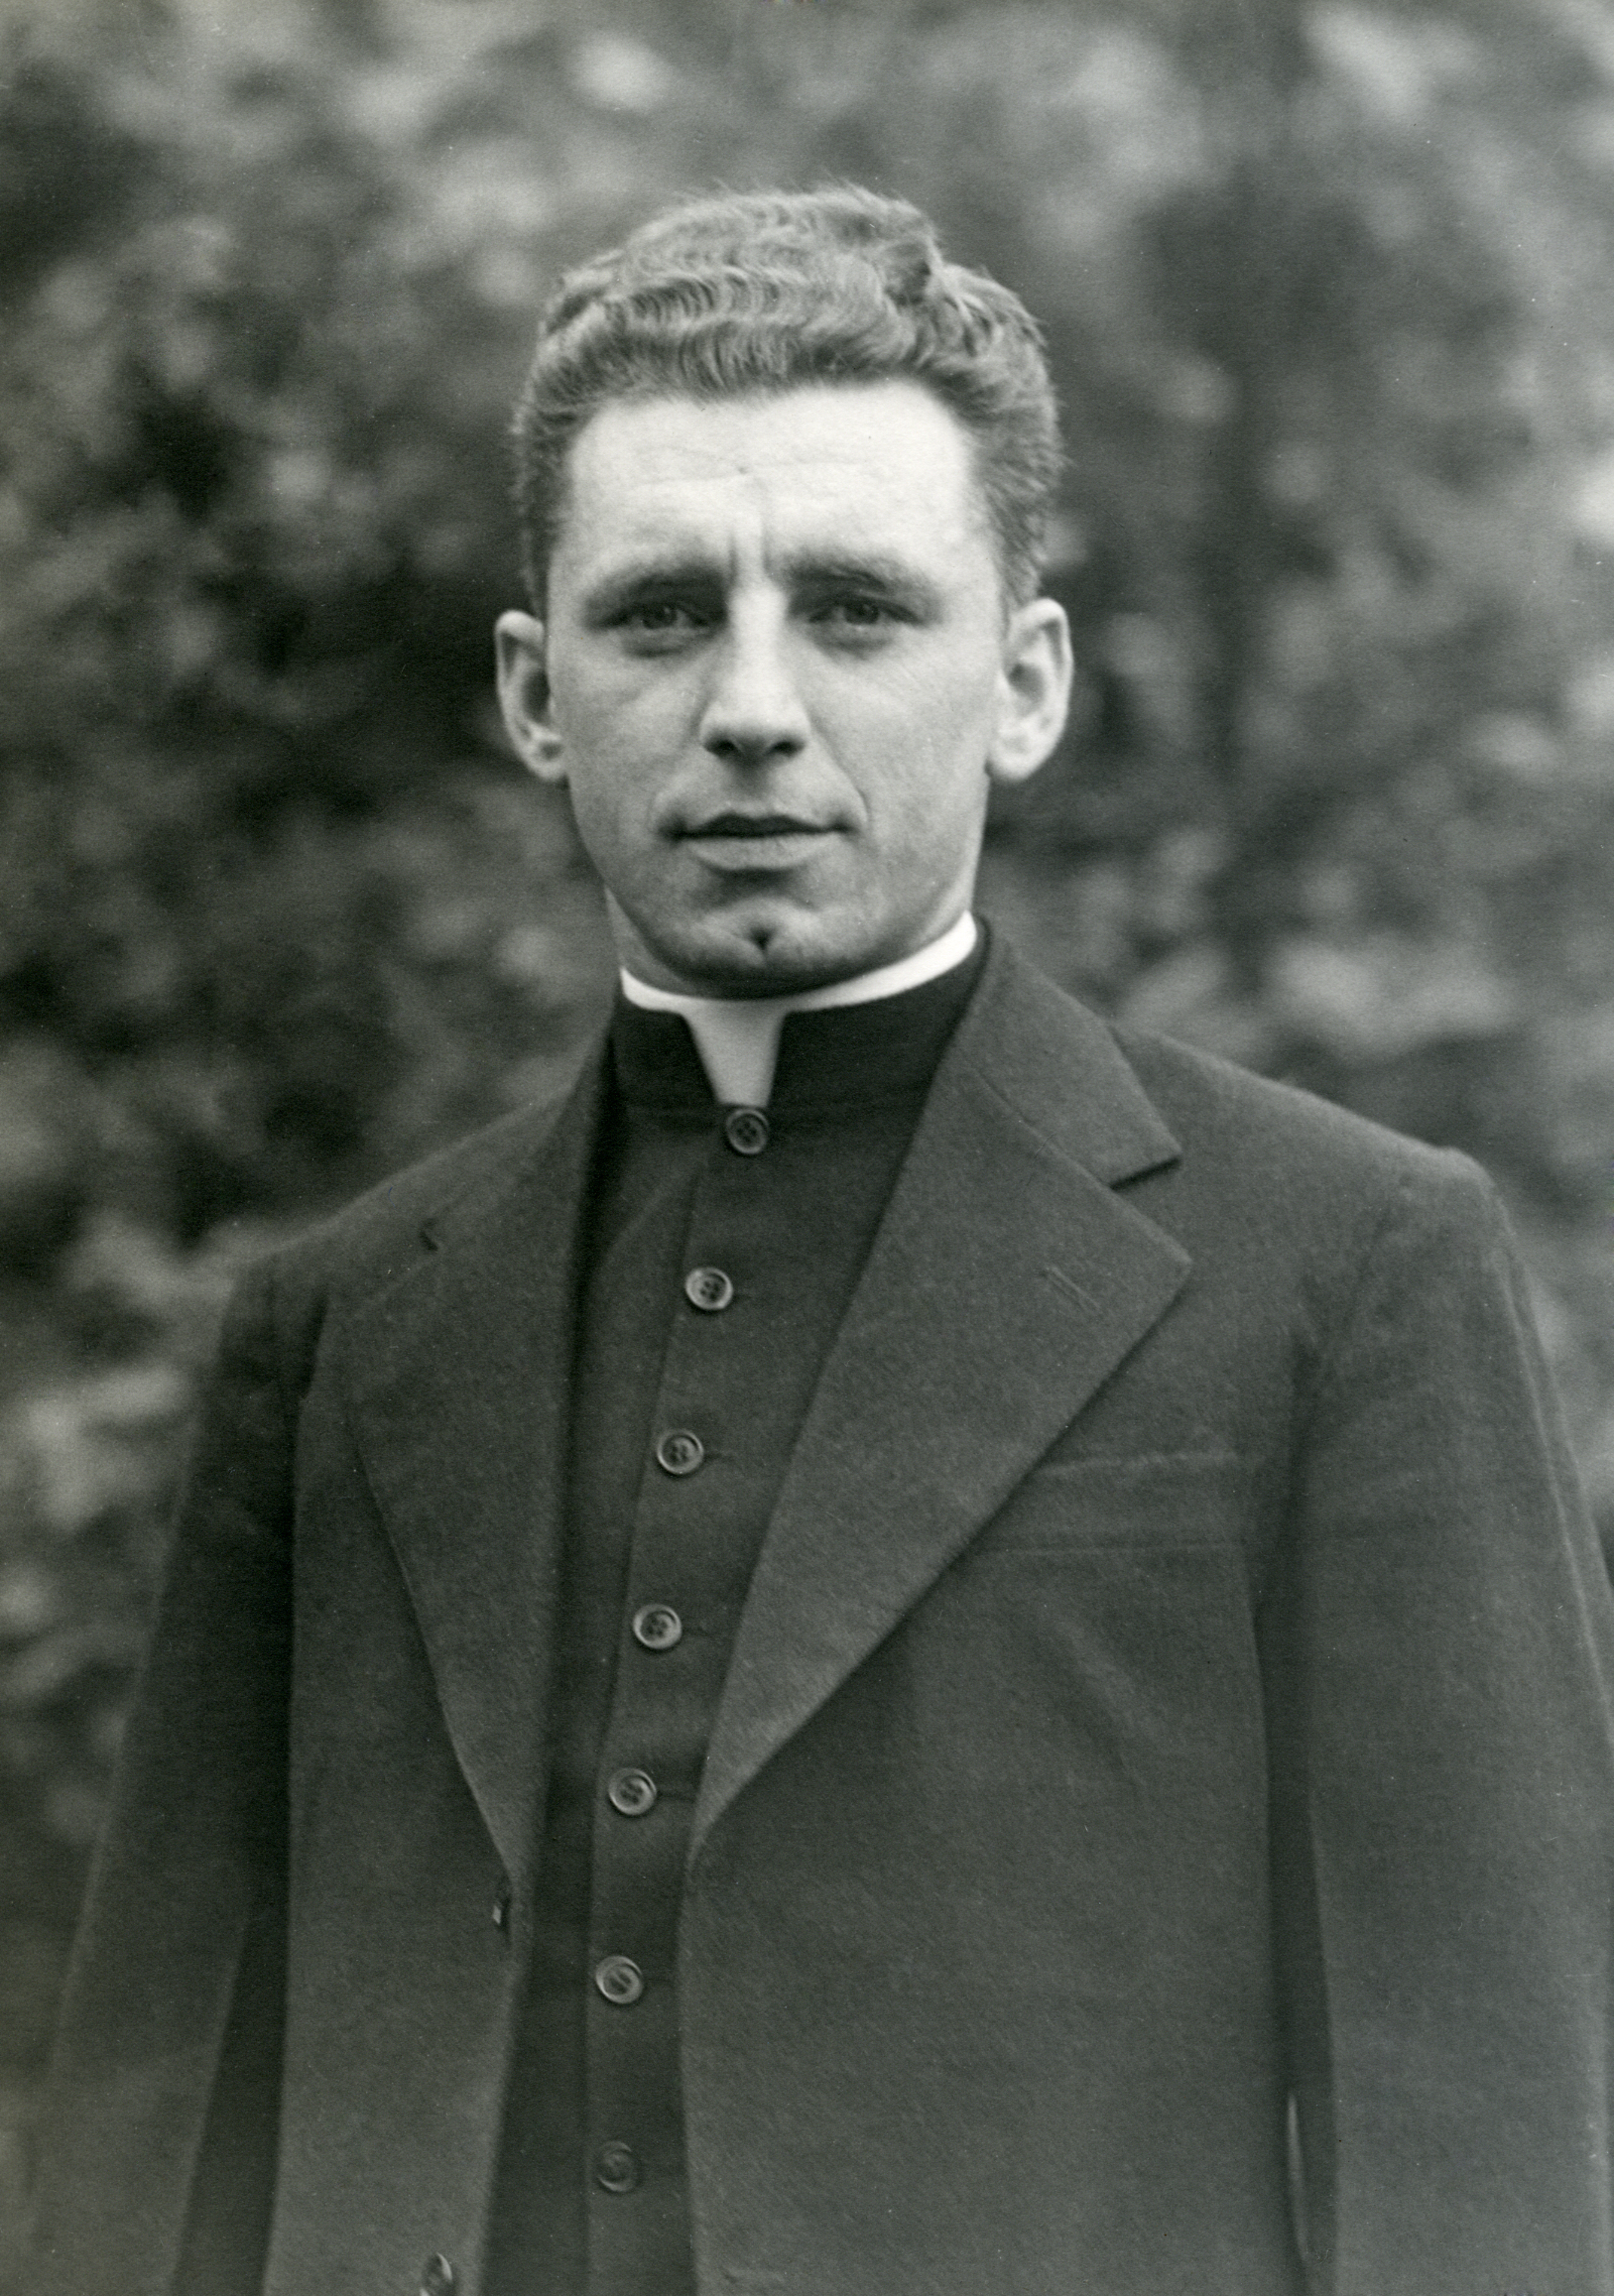 Fr. Stephen Wendell, O.S.B.